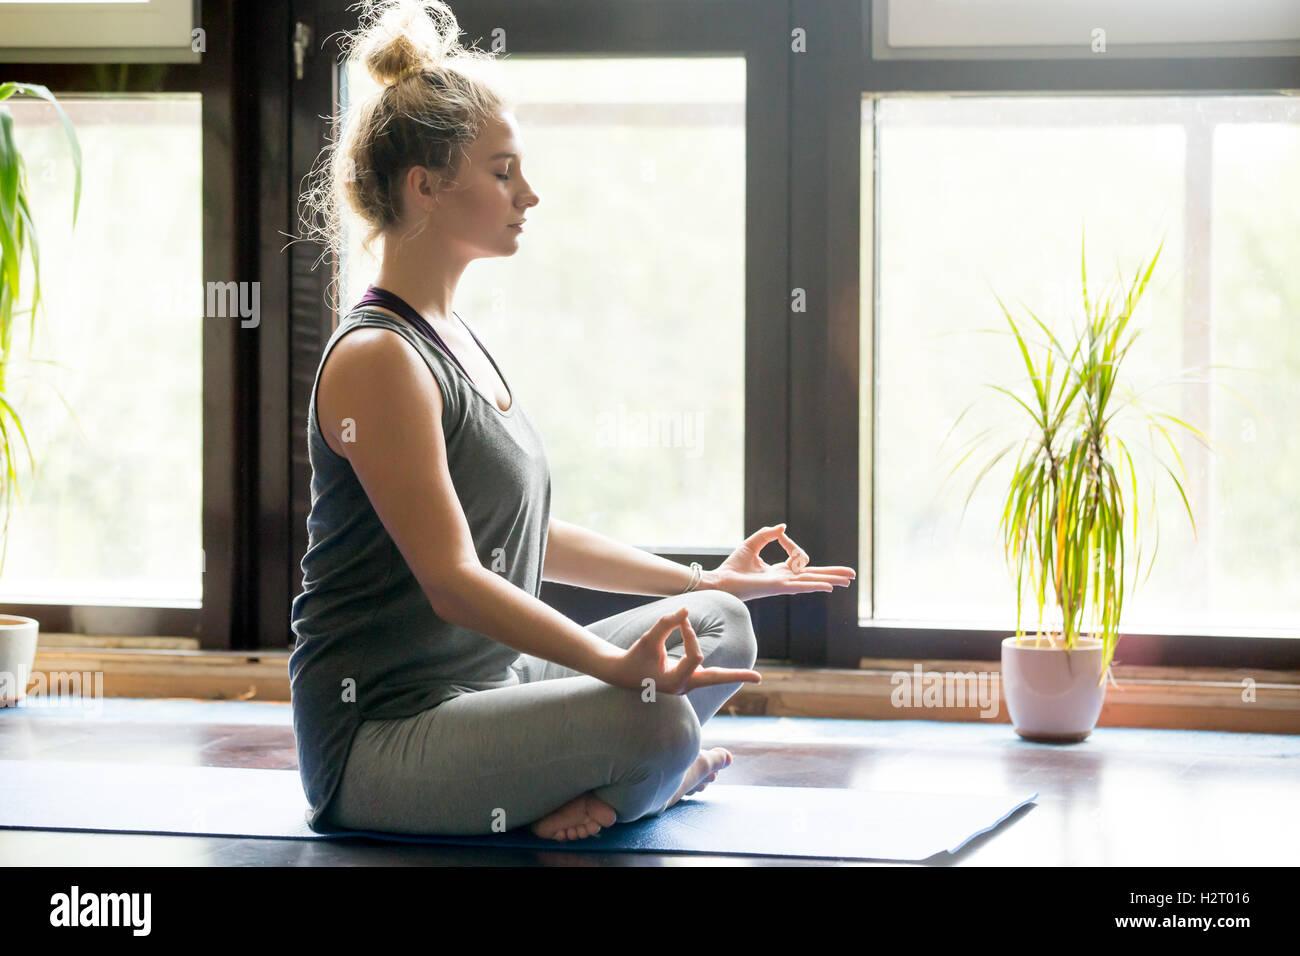 Yoga en casa: meditando mujer Imagen De Stock